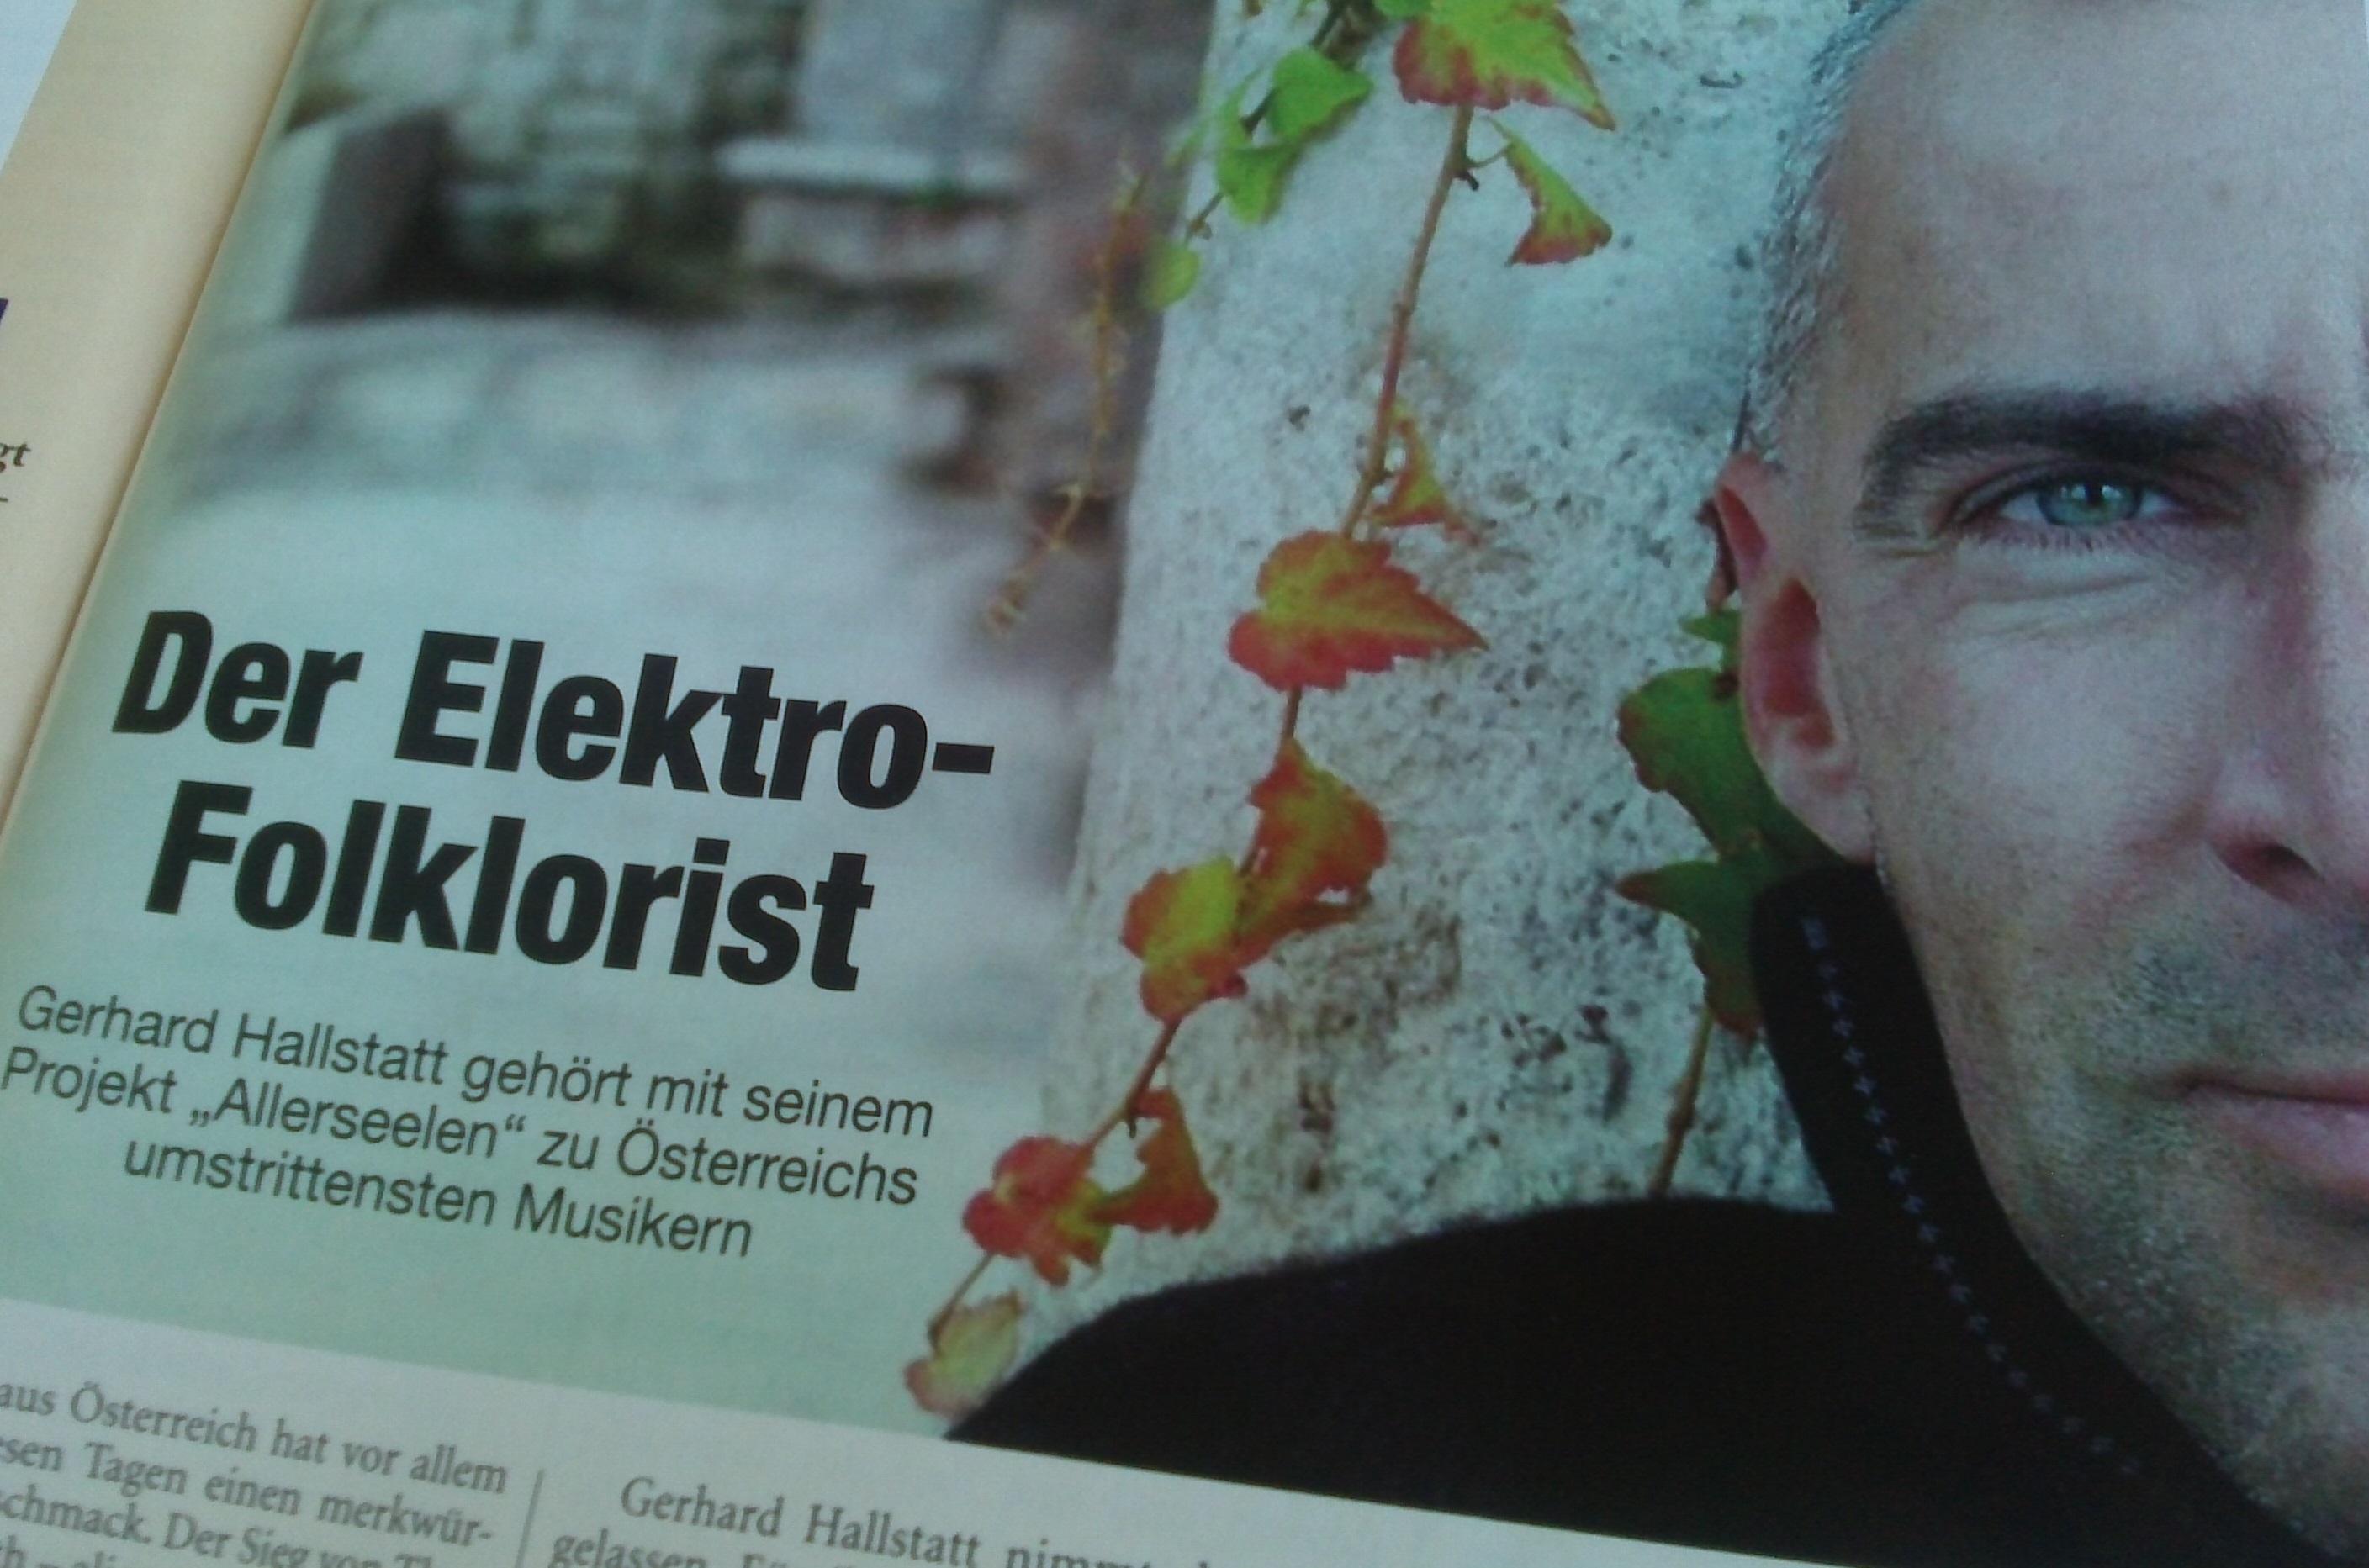 Extrem rechtes Konzert in Kreuzberg geplant